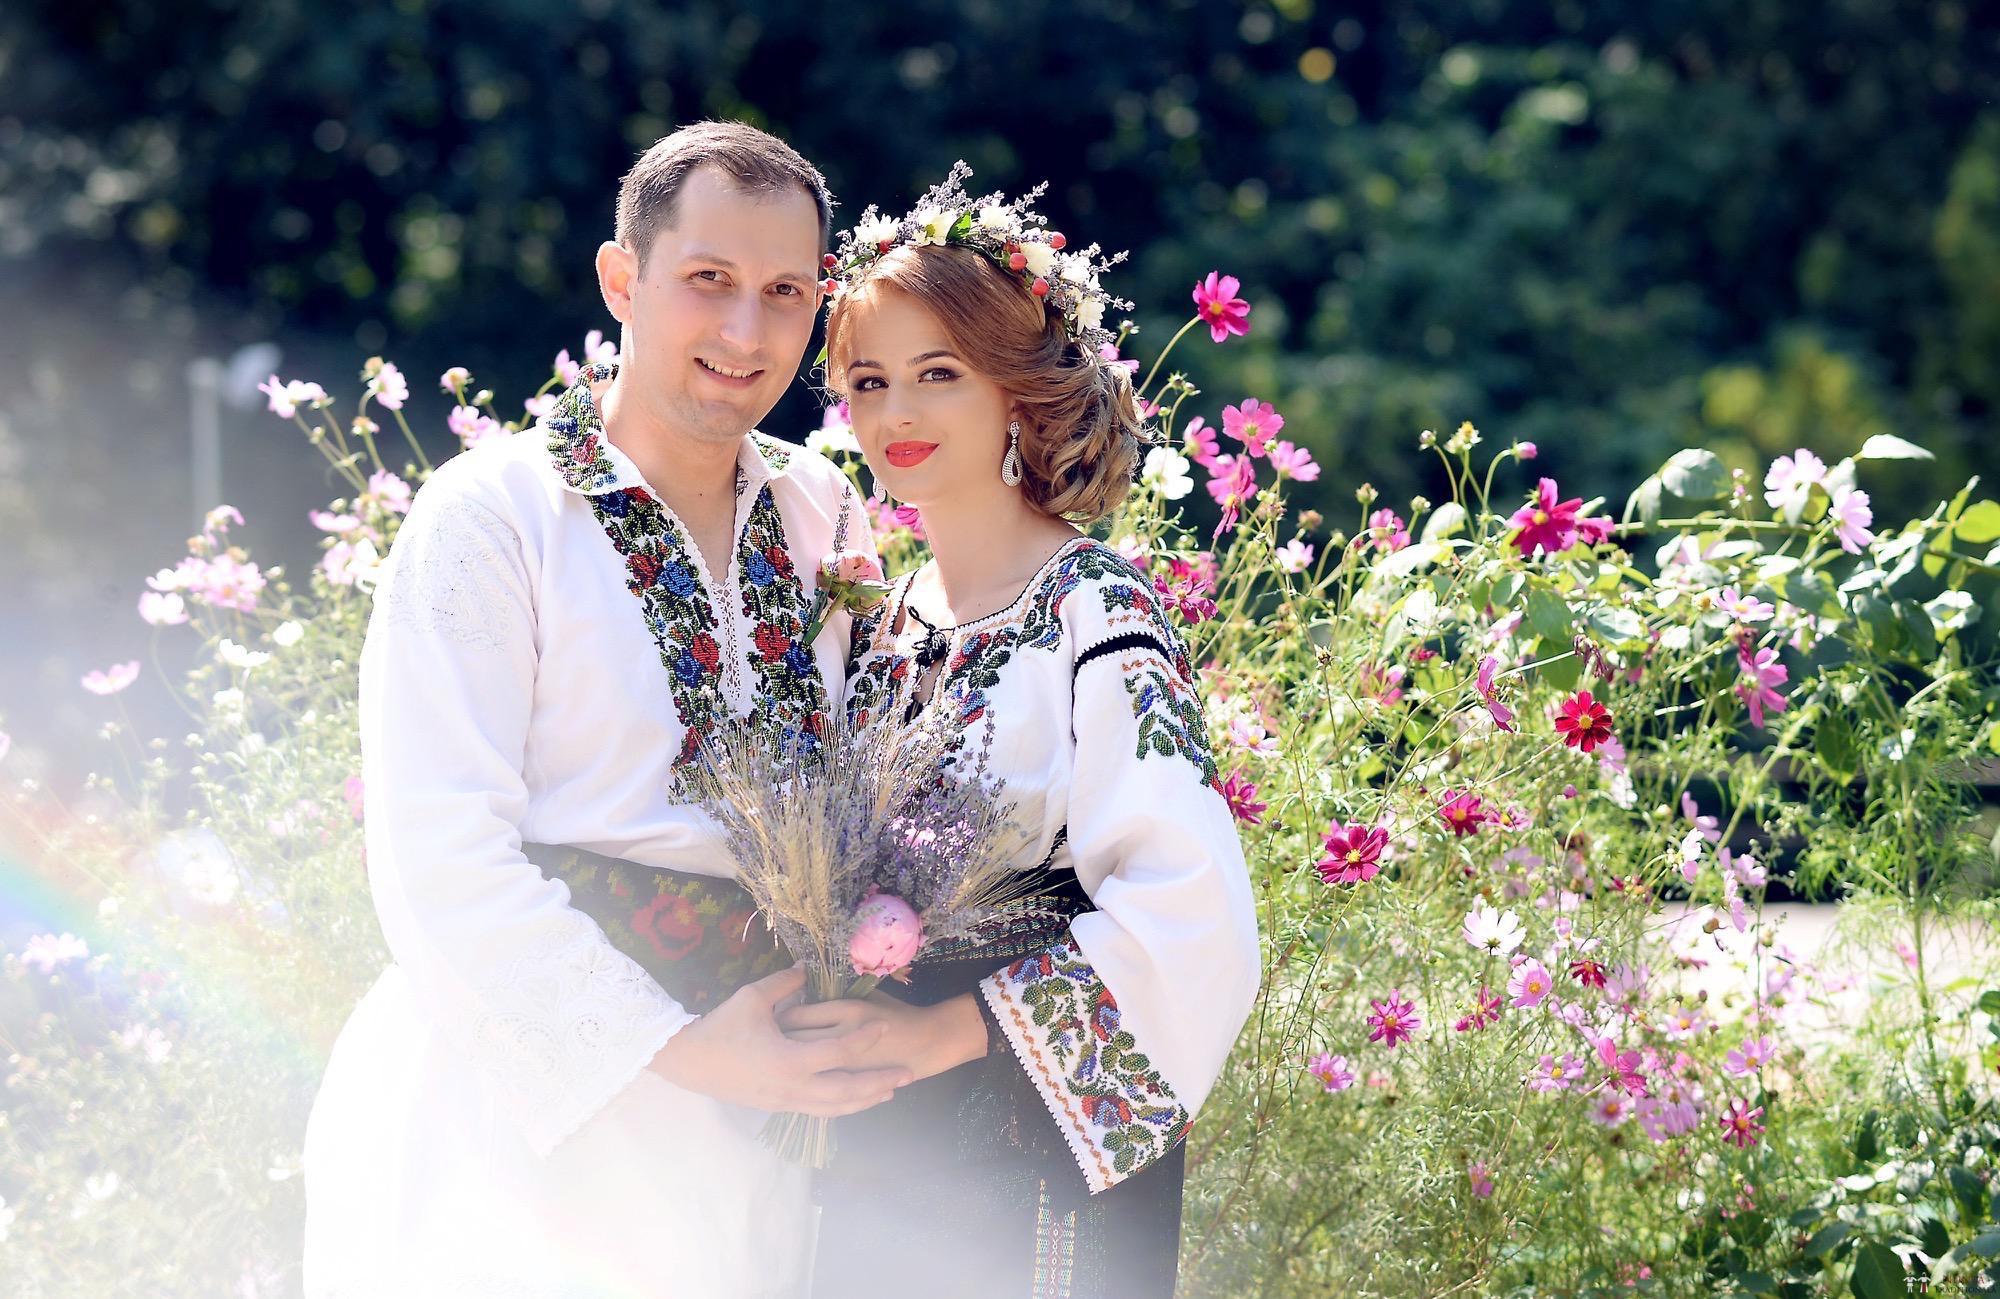 Povești Nunți Tradiționale - Iulia și Andrei. Nuntă tradițională în Bucovina. 50